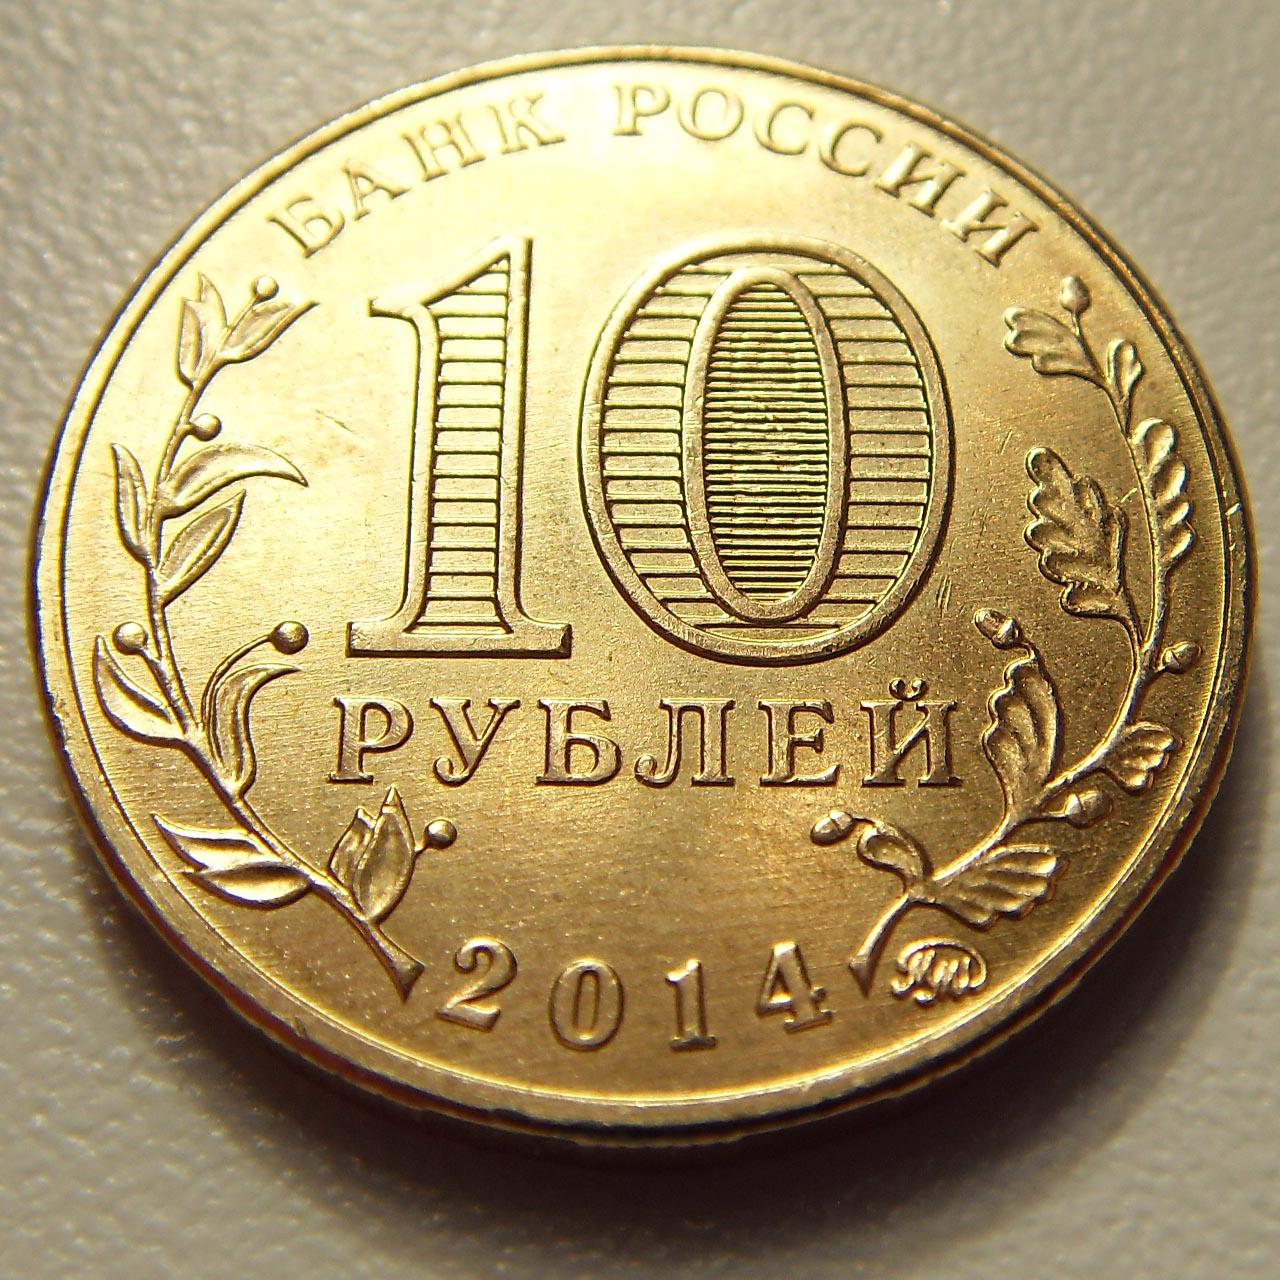 Старый оскол монета 10 рублей золотой дукат